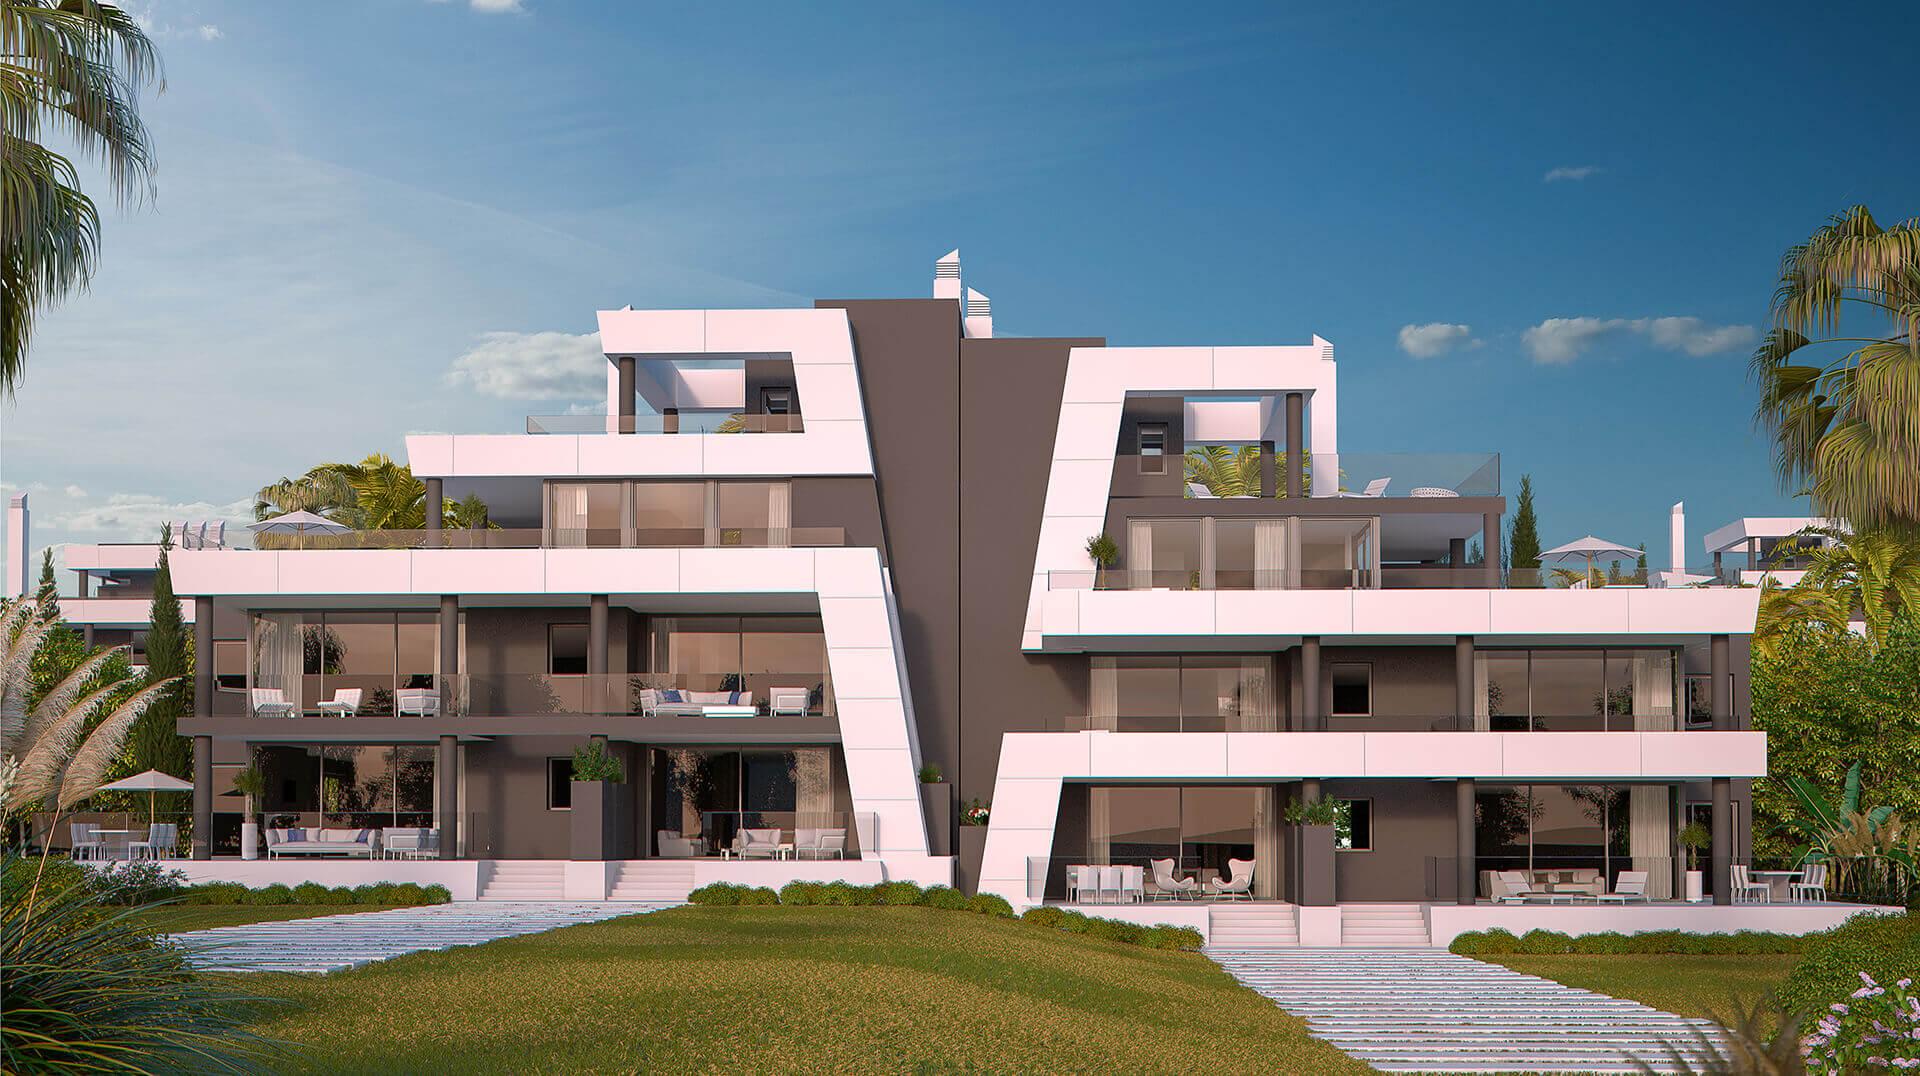 Pisos en venta - Cabopino Apartments